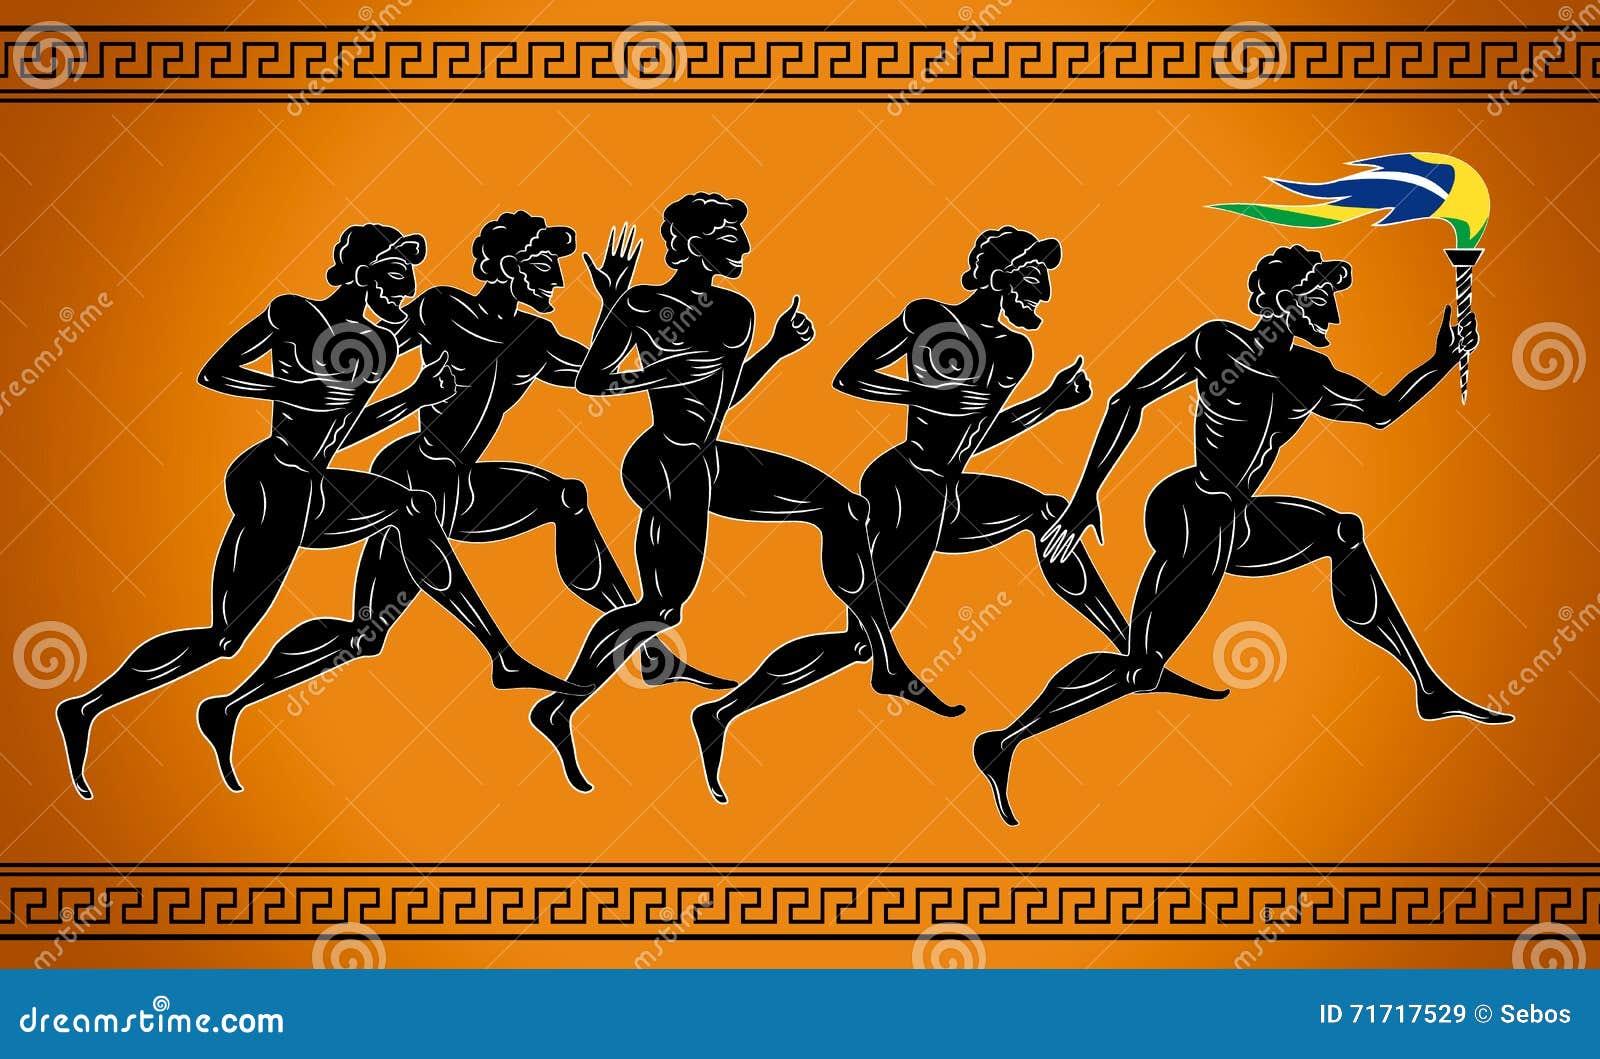 Μαύρος-λογαριασμένοι δρομείς με το φανό στα χρώματα της βραζιλιάνας σημαίας Απεικόνιση στο ύφος αρχαίου Έλληνα